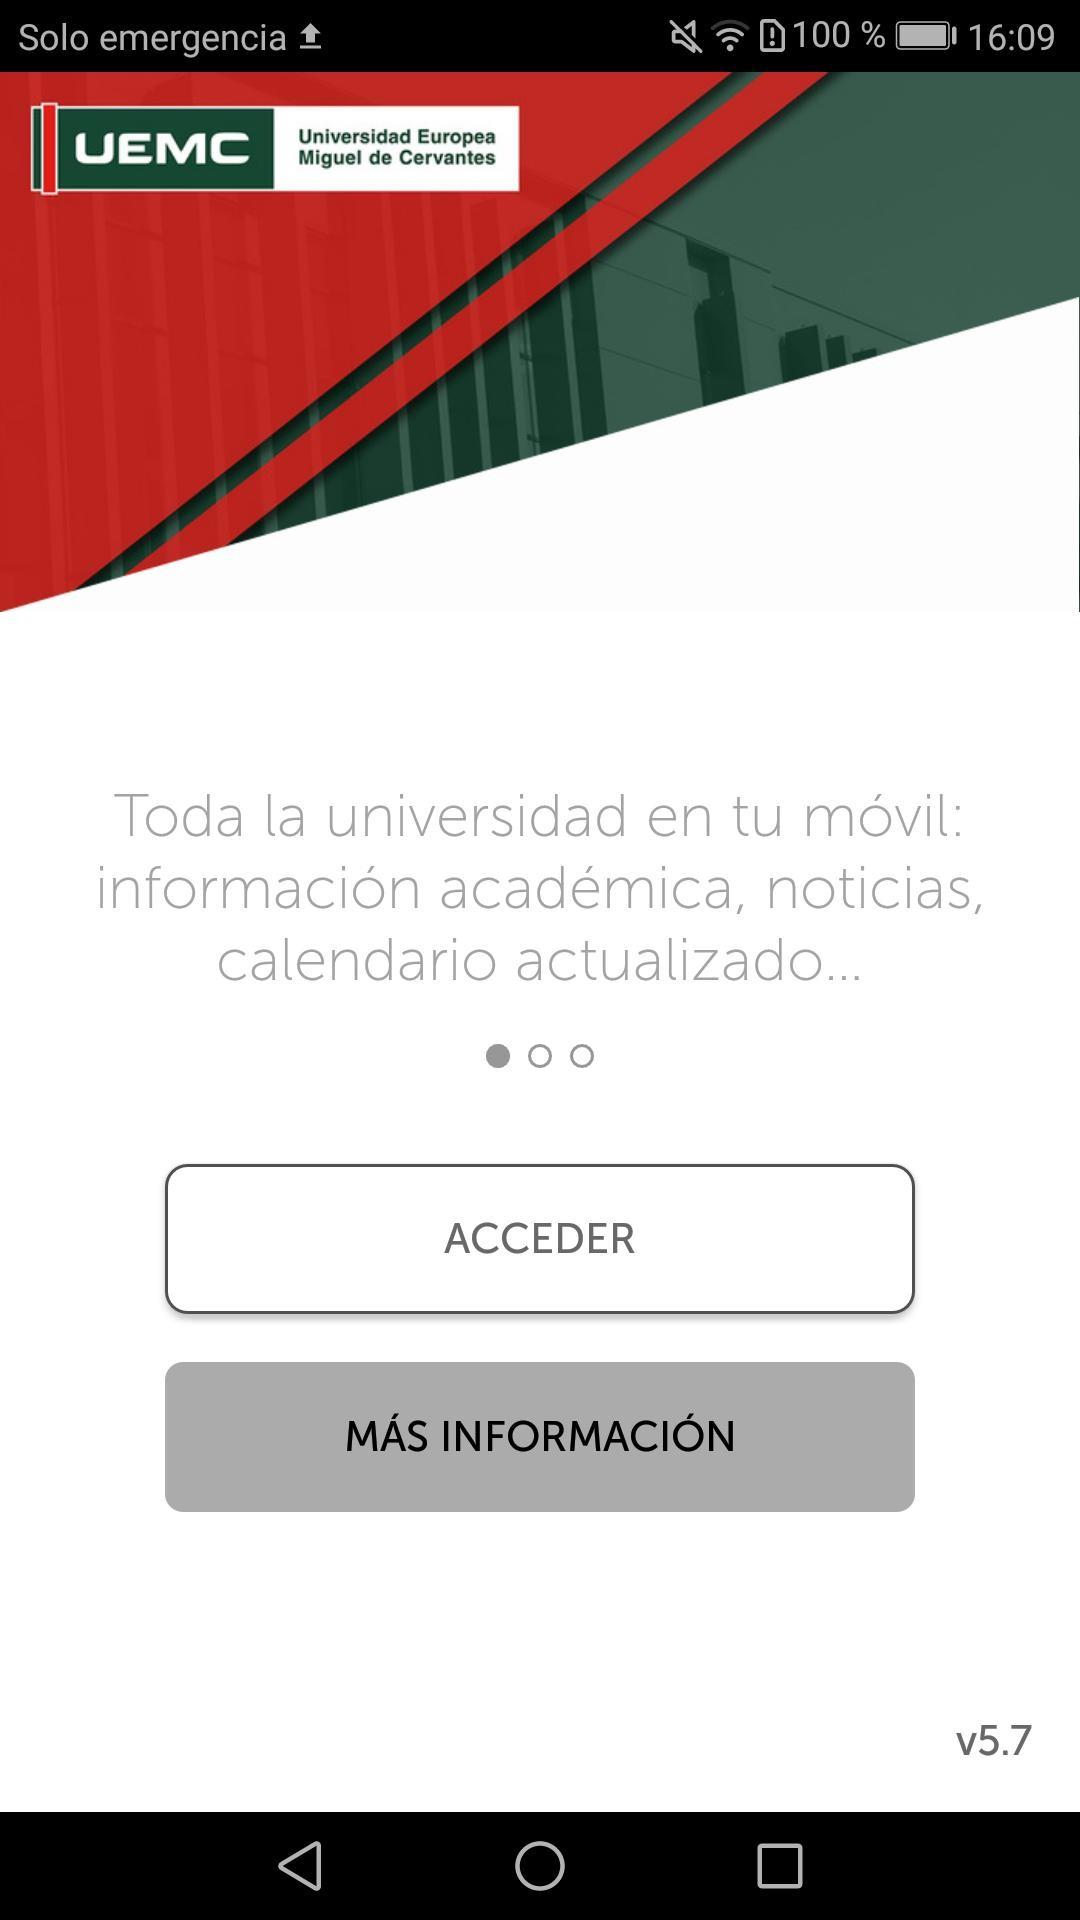 Calendario 2020 Colombia Marzo Más Reciente Uemc Calendario Of Calendario 2020 Colombia Marzo Recientes 11 Best Calendario Enero 2019 Argentina Images